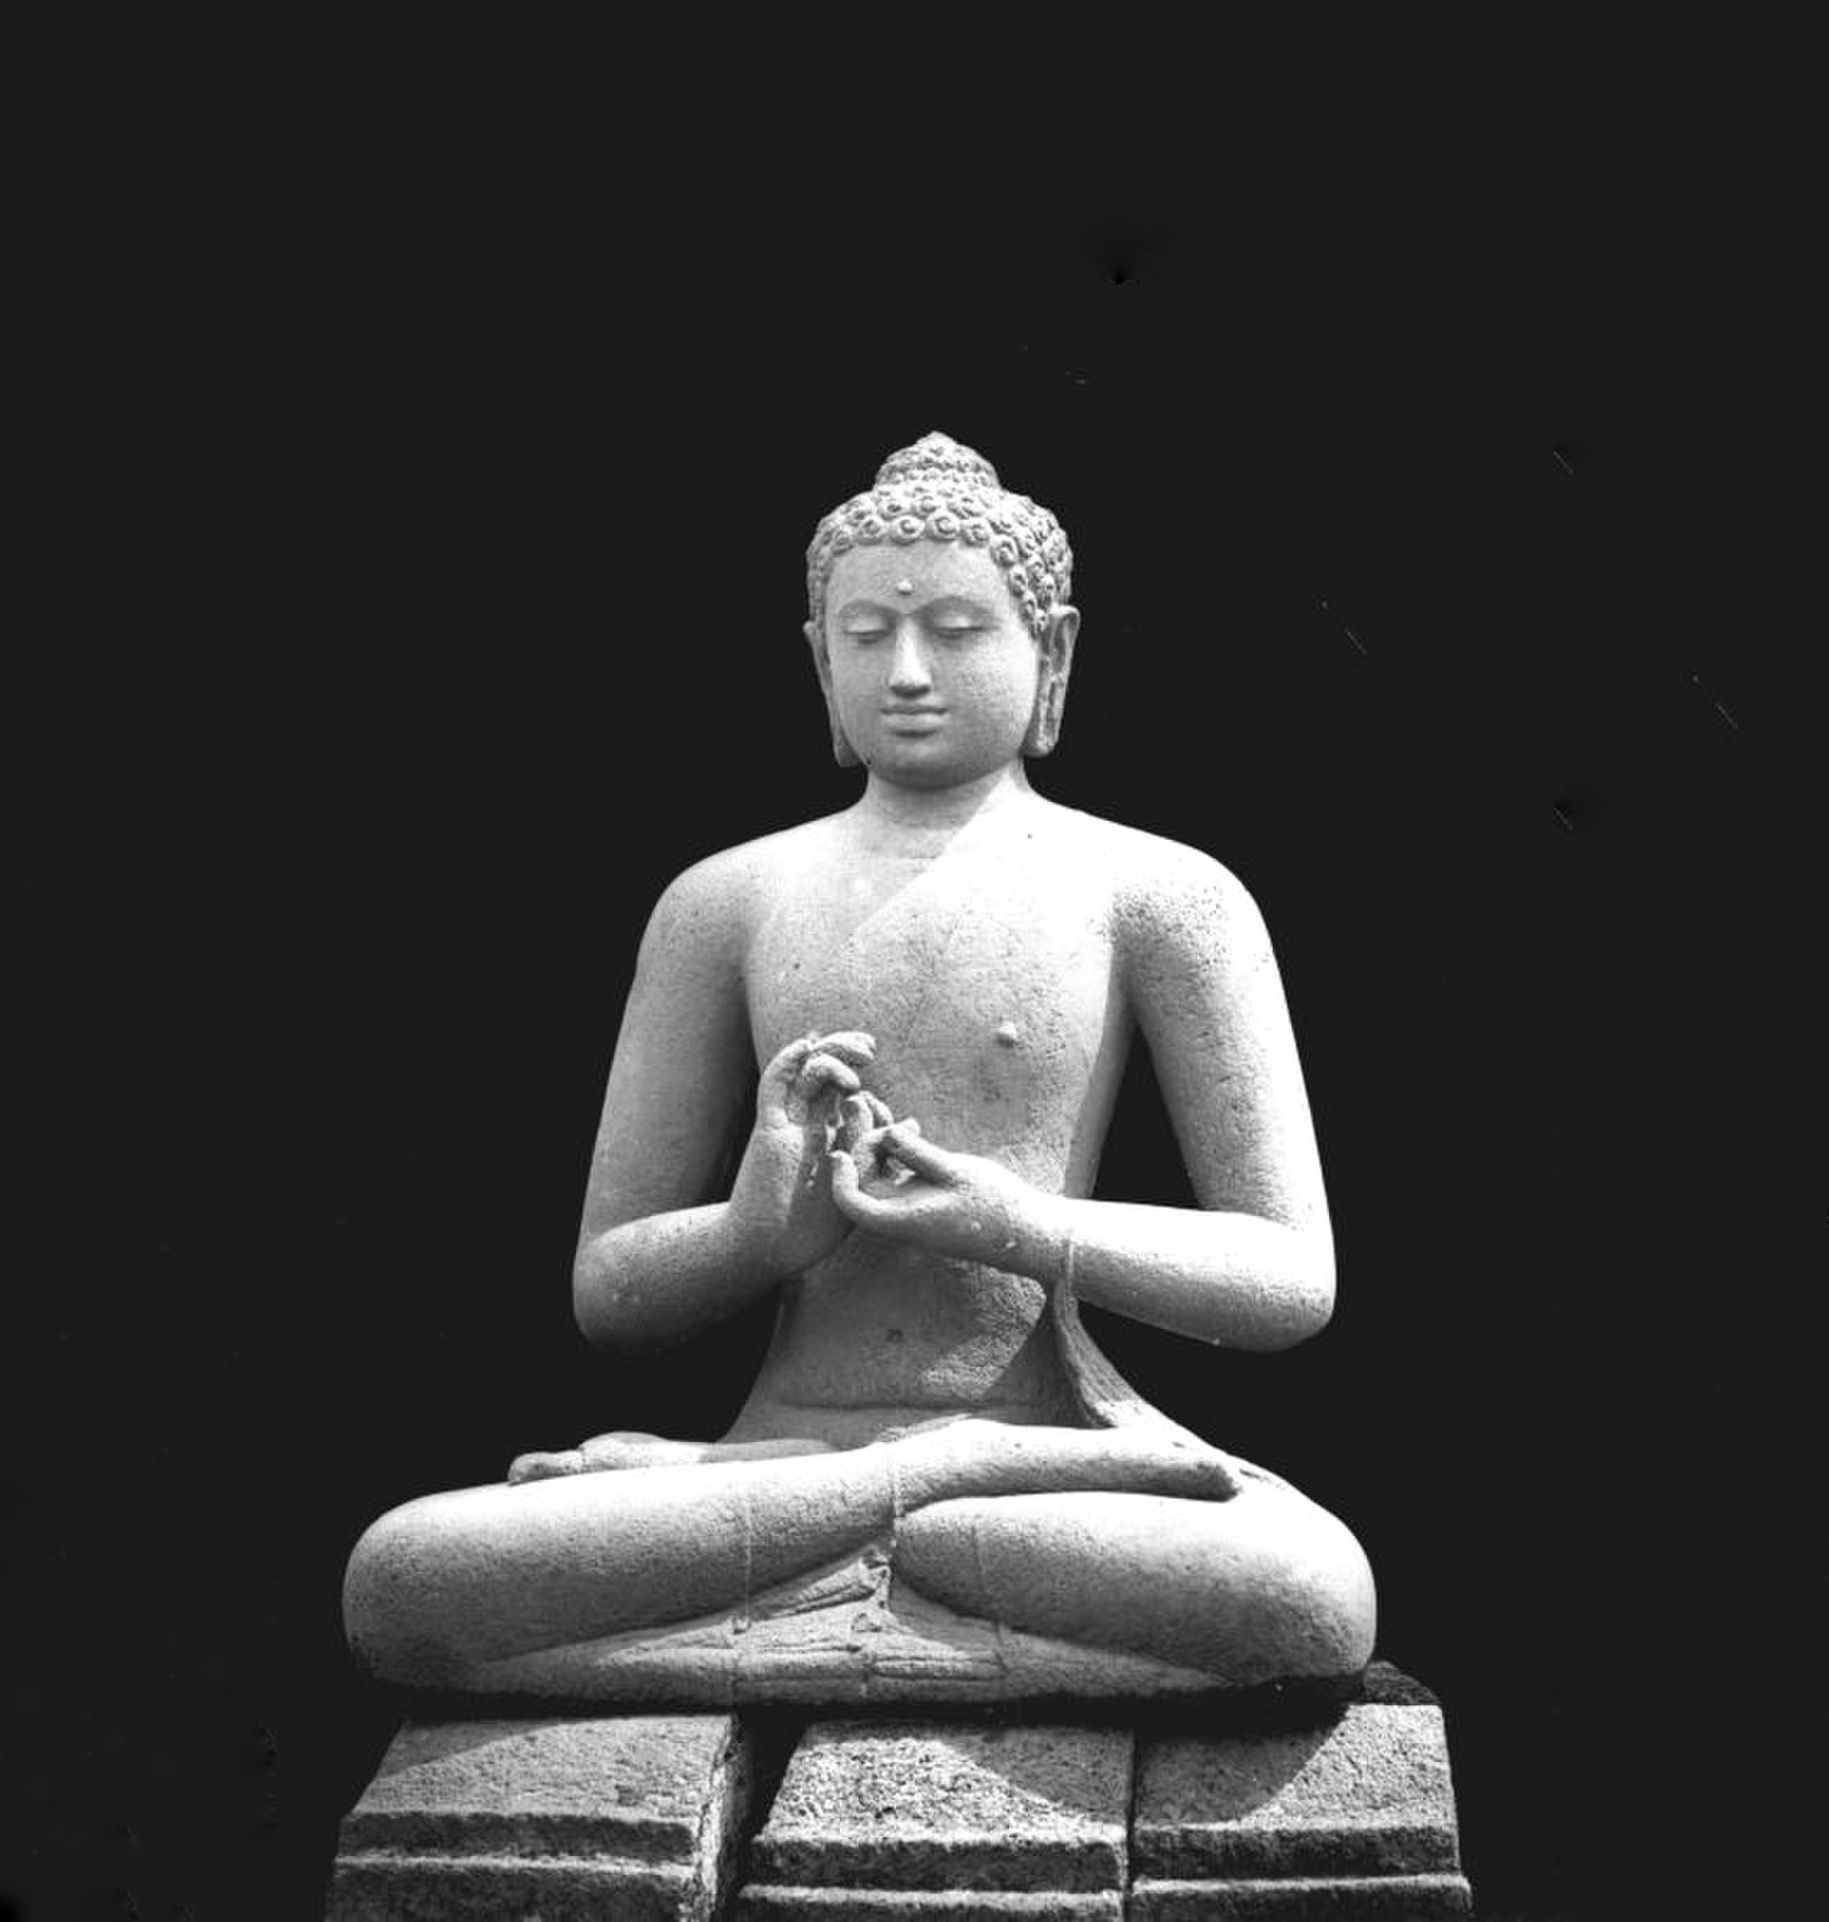 Tinjauan Kritis di Balik Patung Buddha yang Artsy: Seni atau Apropriasi?